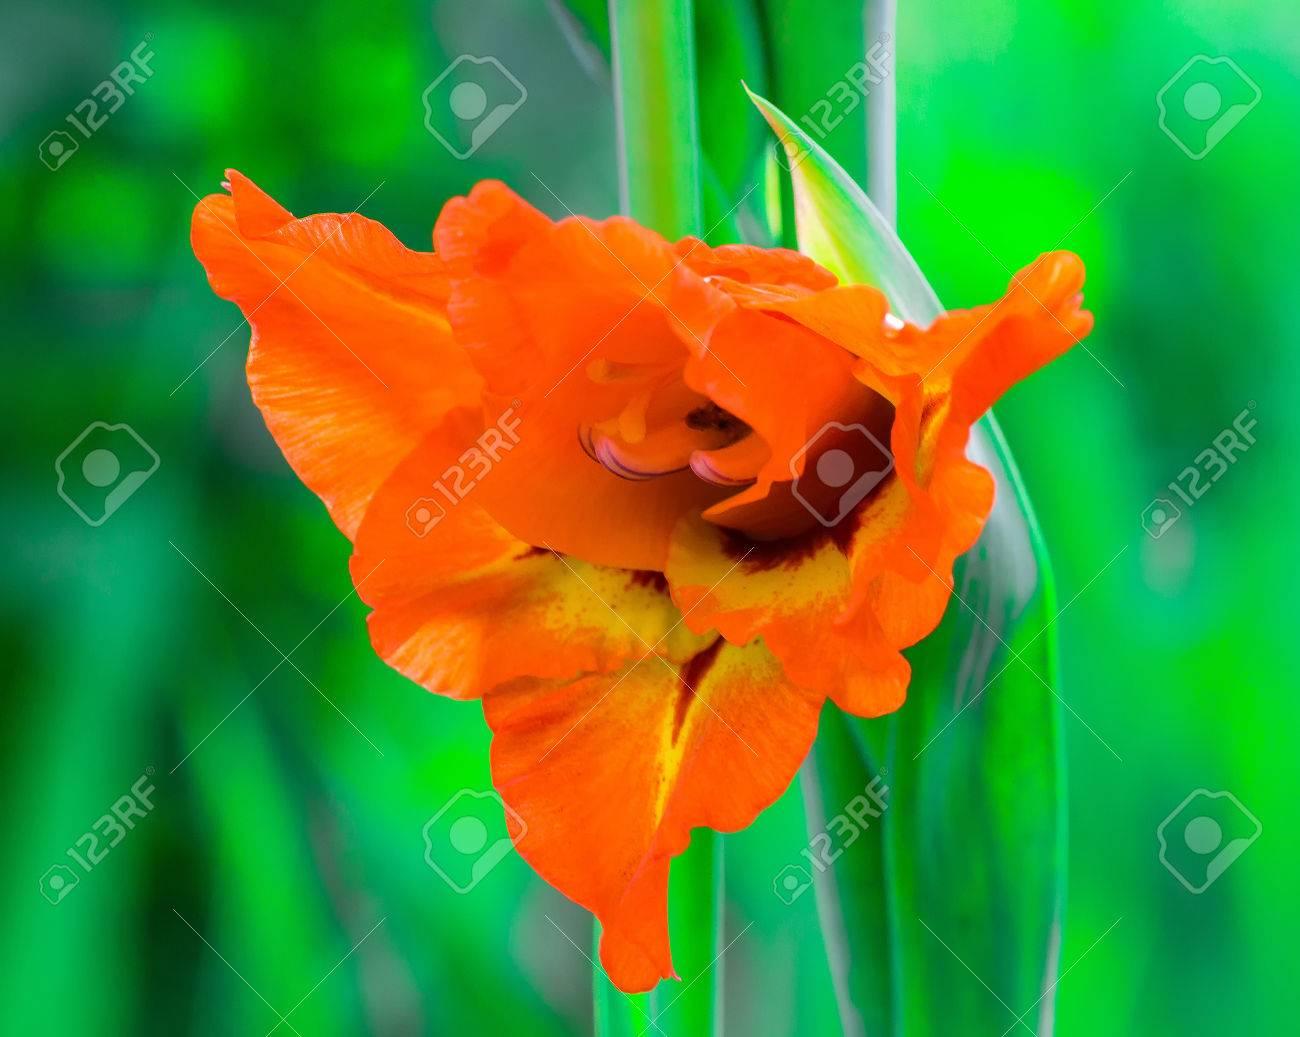 Orange gladiolus flower in the garden ornamental flowers flora orange gladiolus flower in the garden ornamental flowers flora close up outdoors mightylinksfo